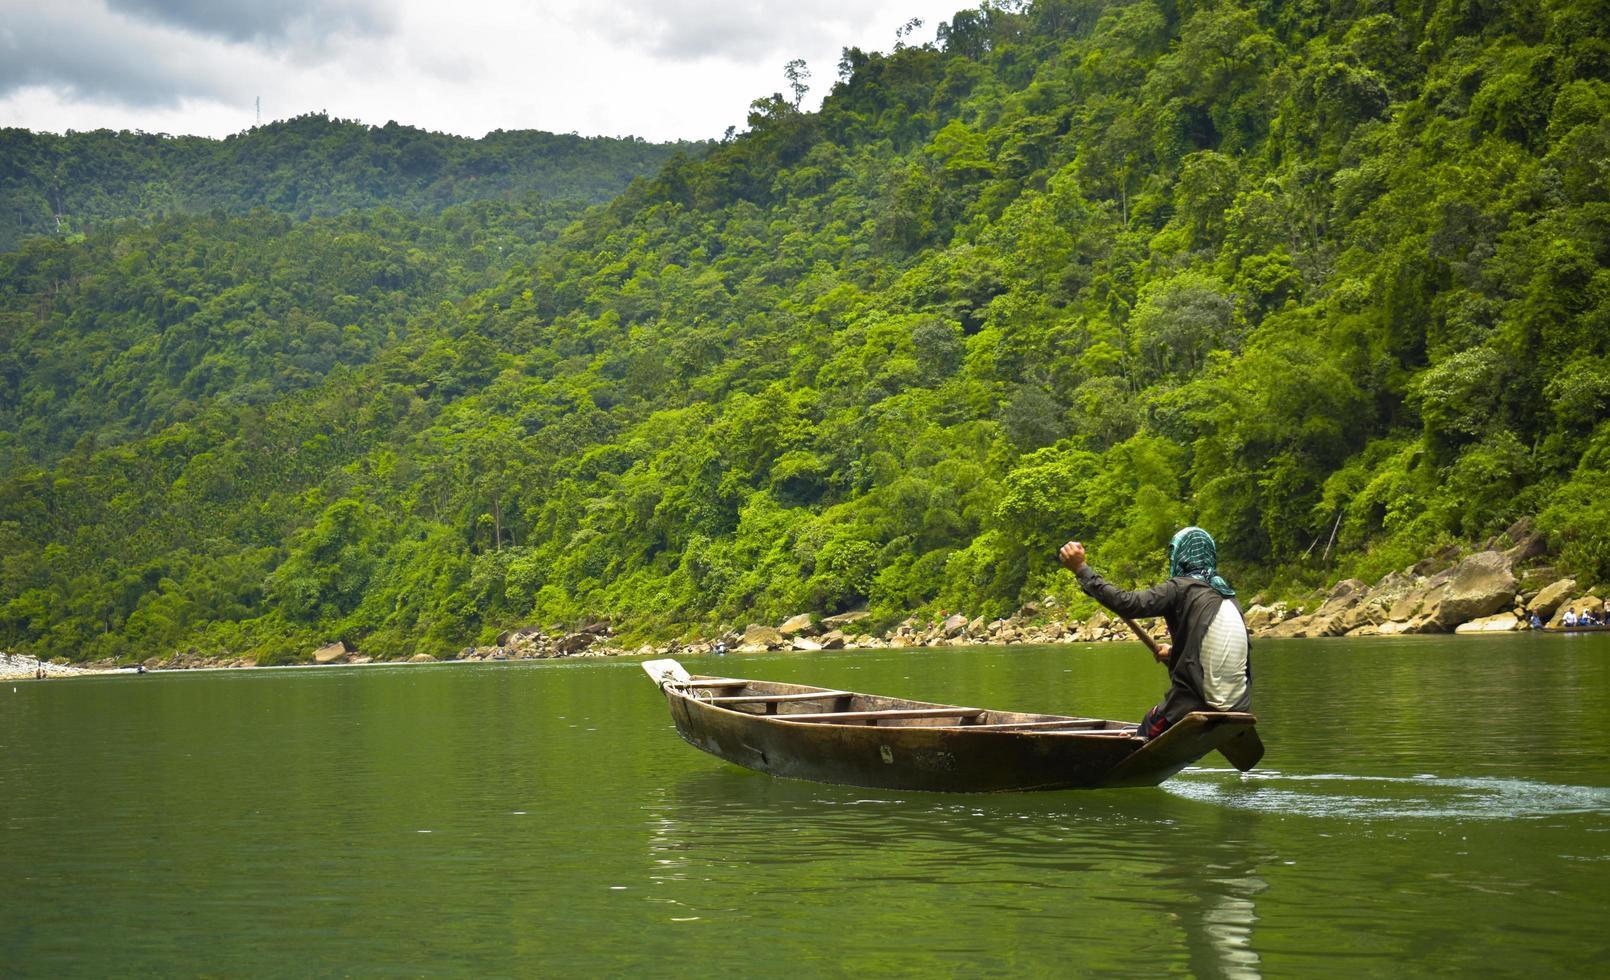 mannen roeien een boot in de buurt van groene heuvel overdag foto